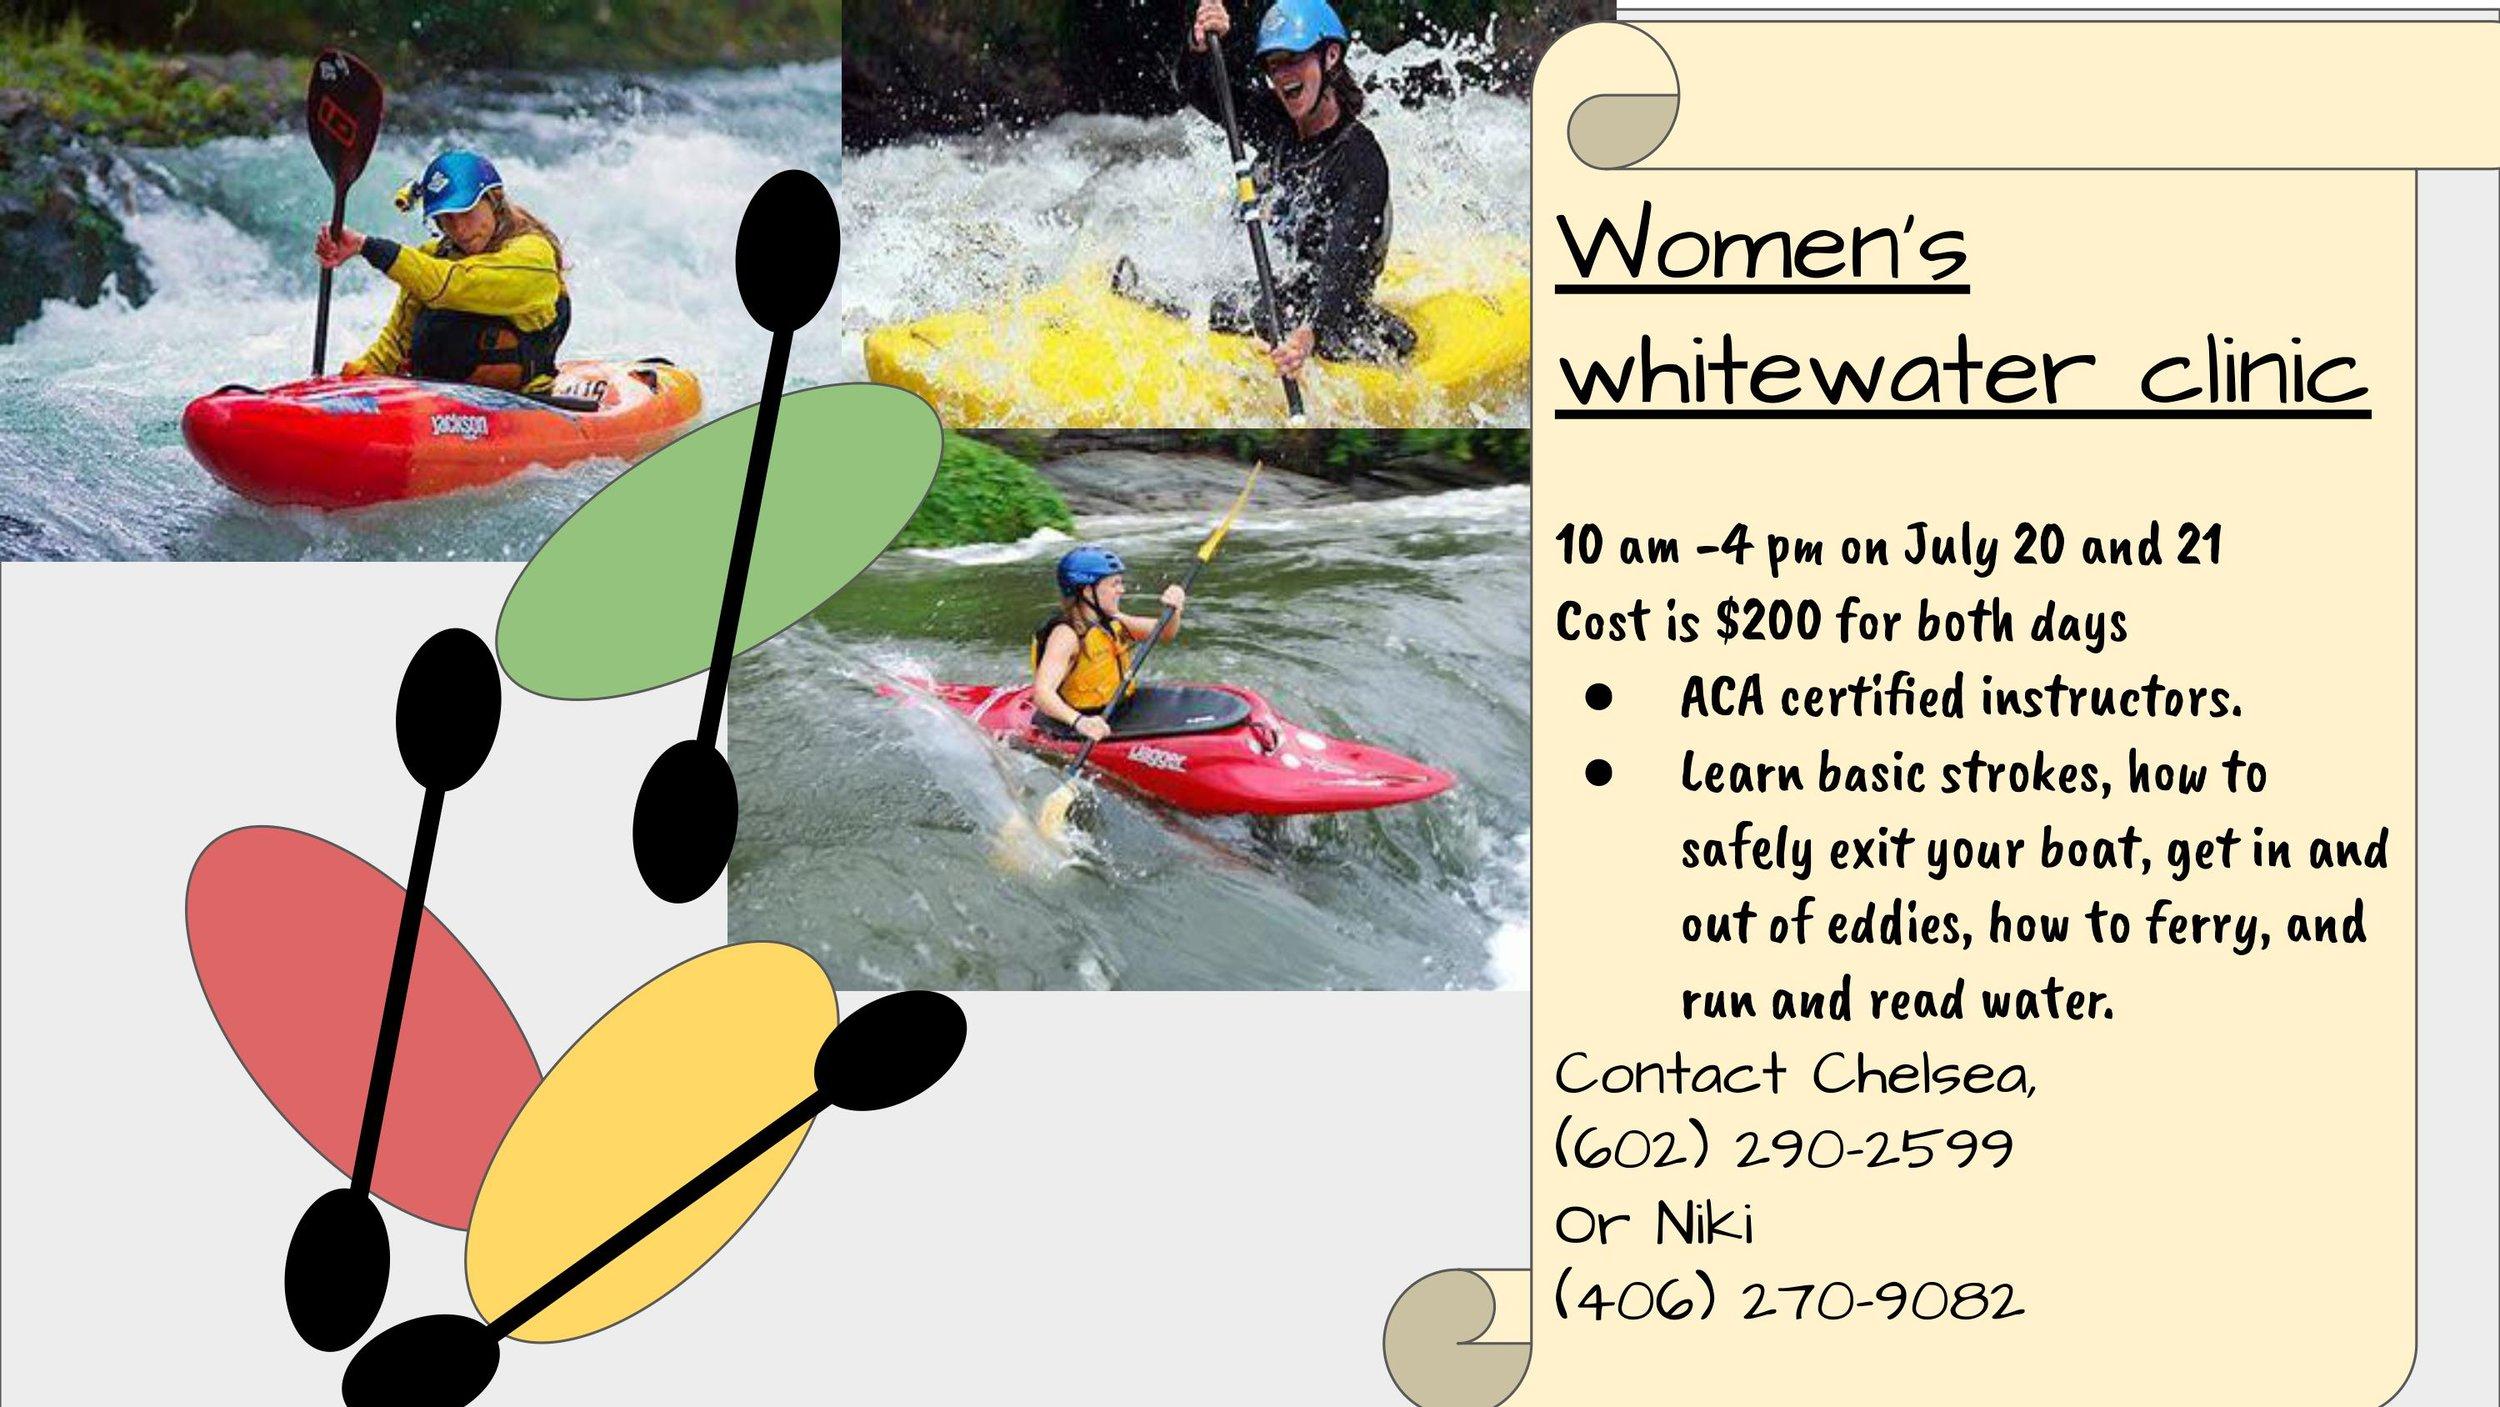 womensclinic2019 picture.jpg